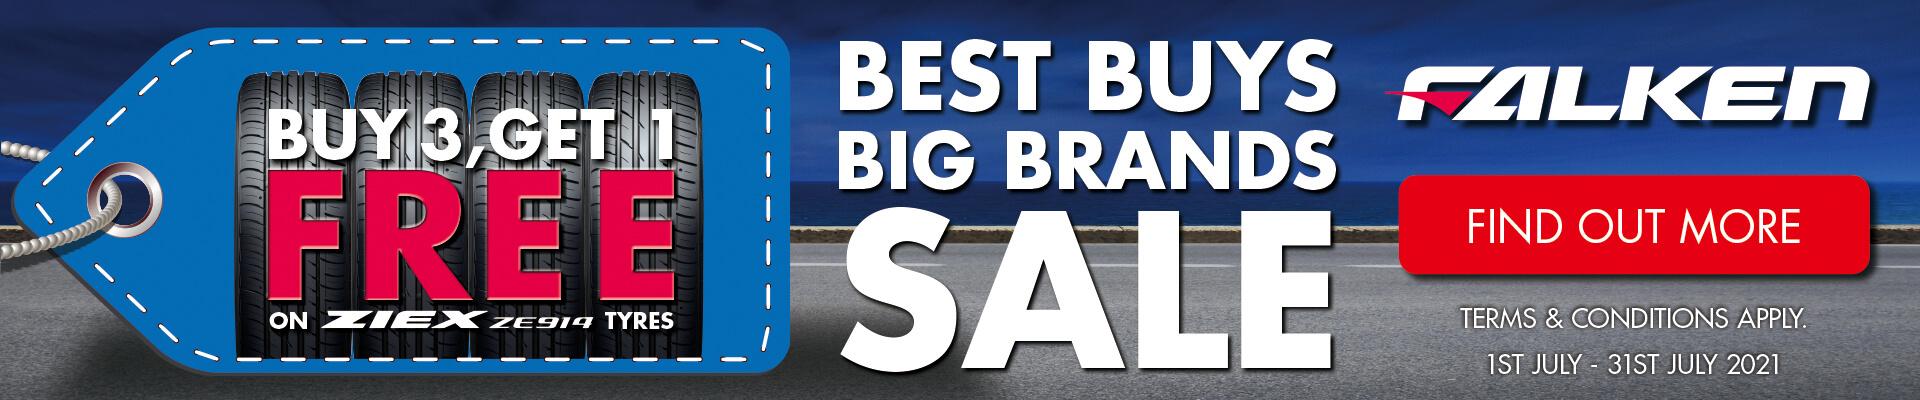 Best Buys Big Brands Sale - Buy 3, Get 1 Free on ZIEX ZE914 Tyres